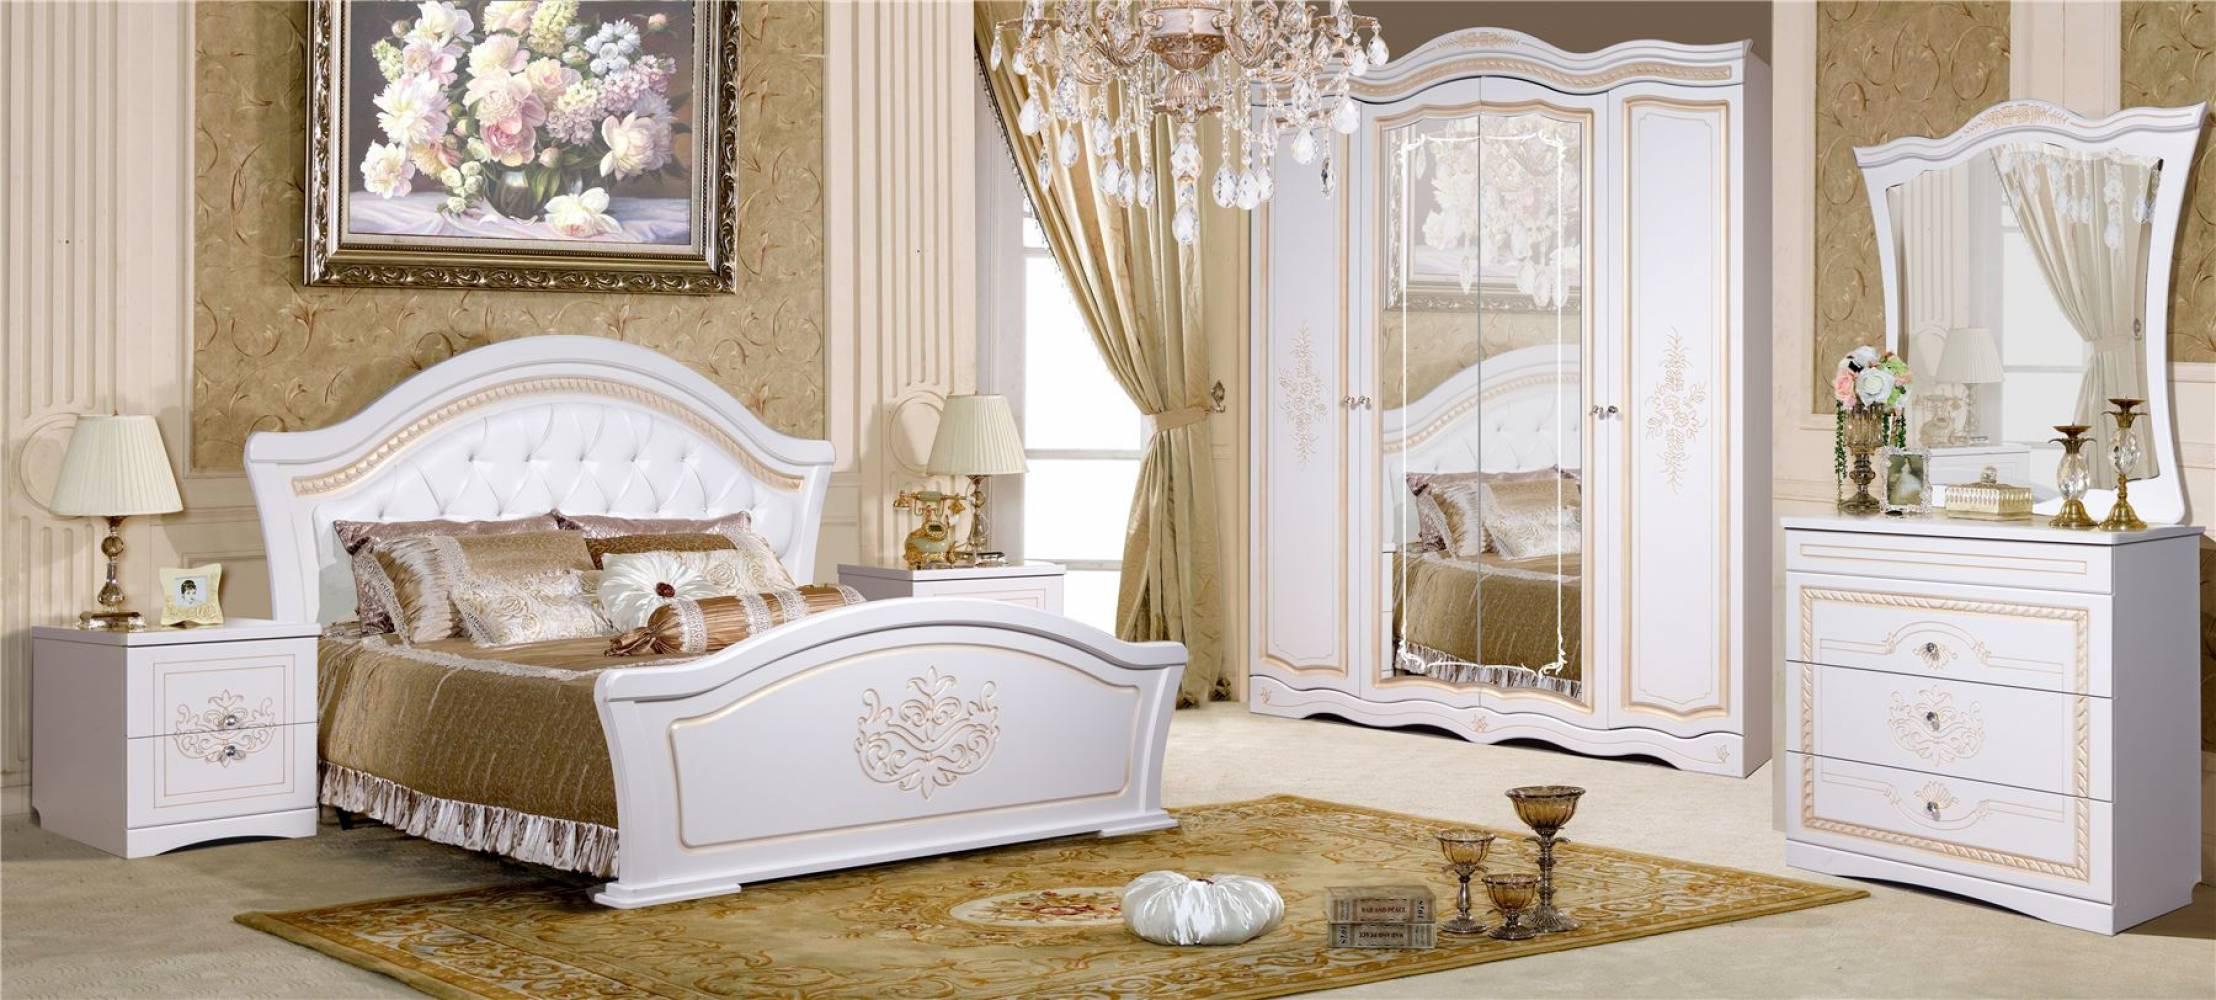 Спальня Графиня КМК 0479 (Белый металлик+золото)